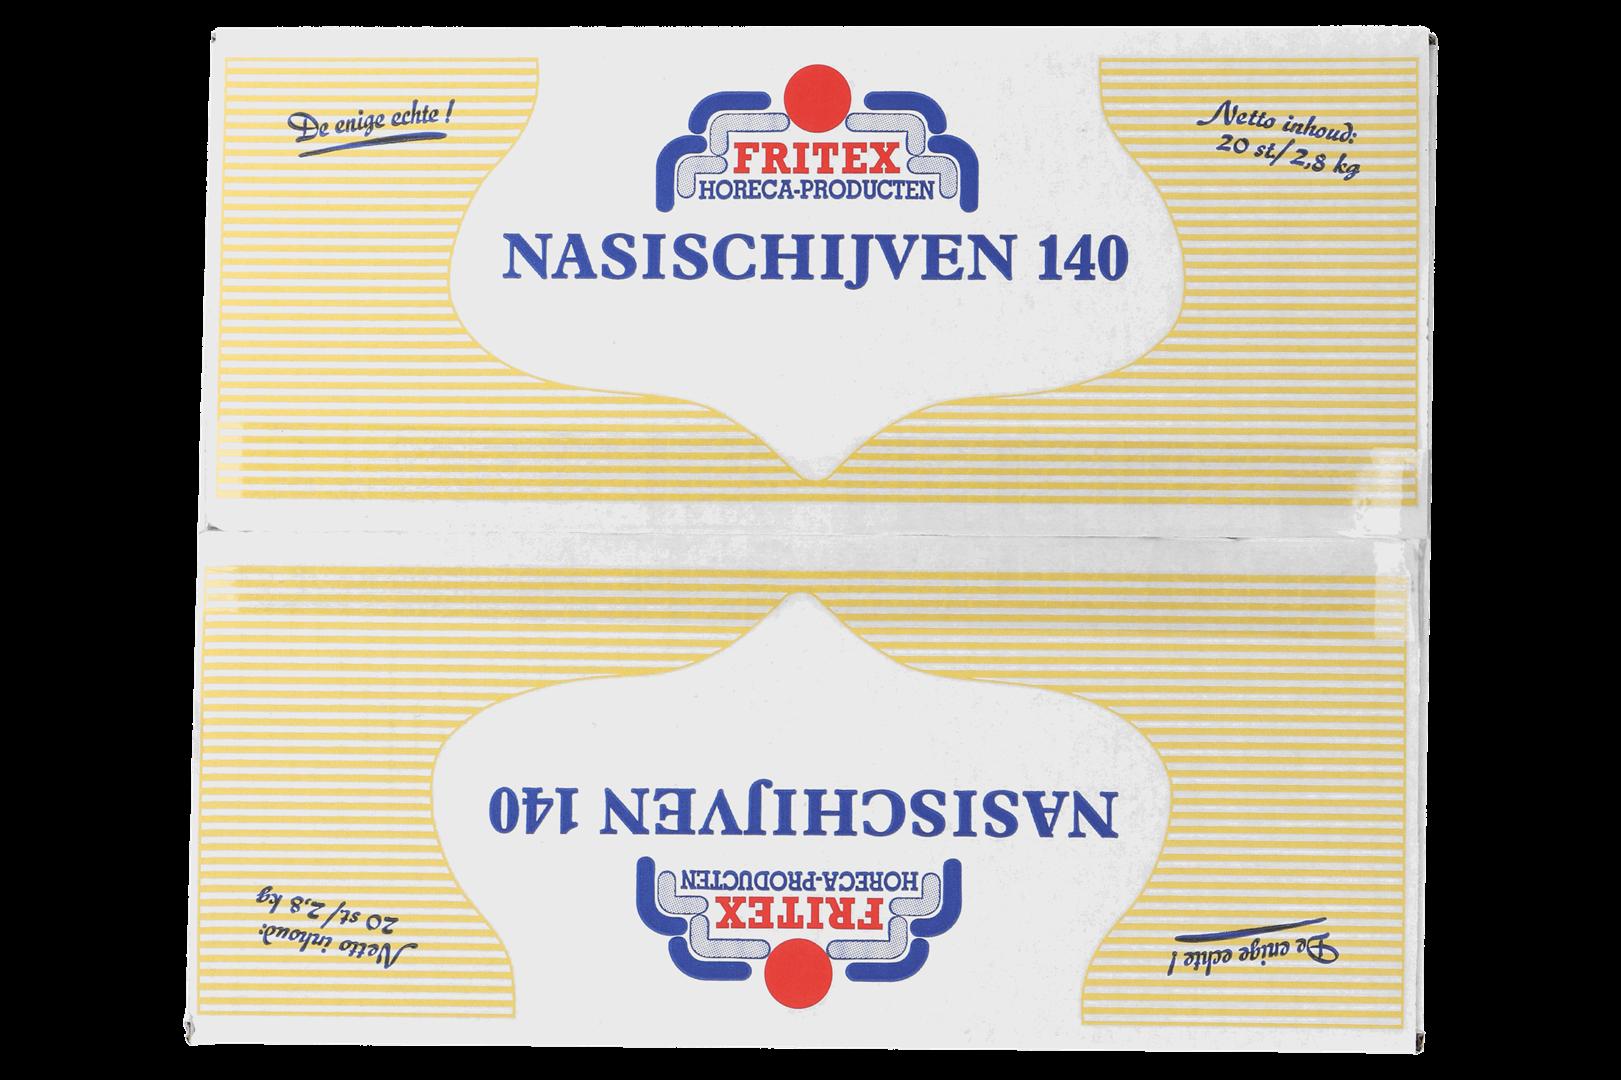 Productafbeelding Nasischijf Fritex 20x140 gr